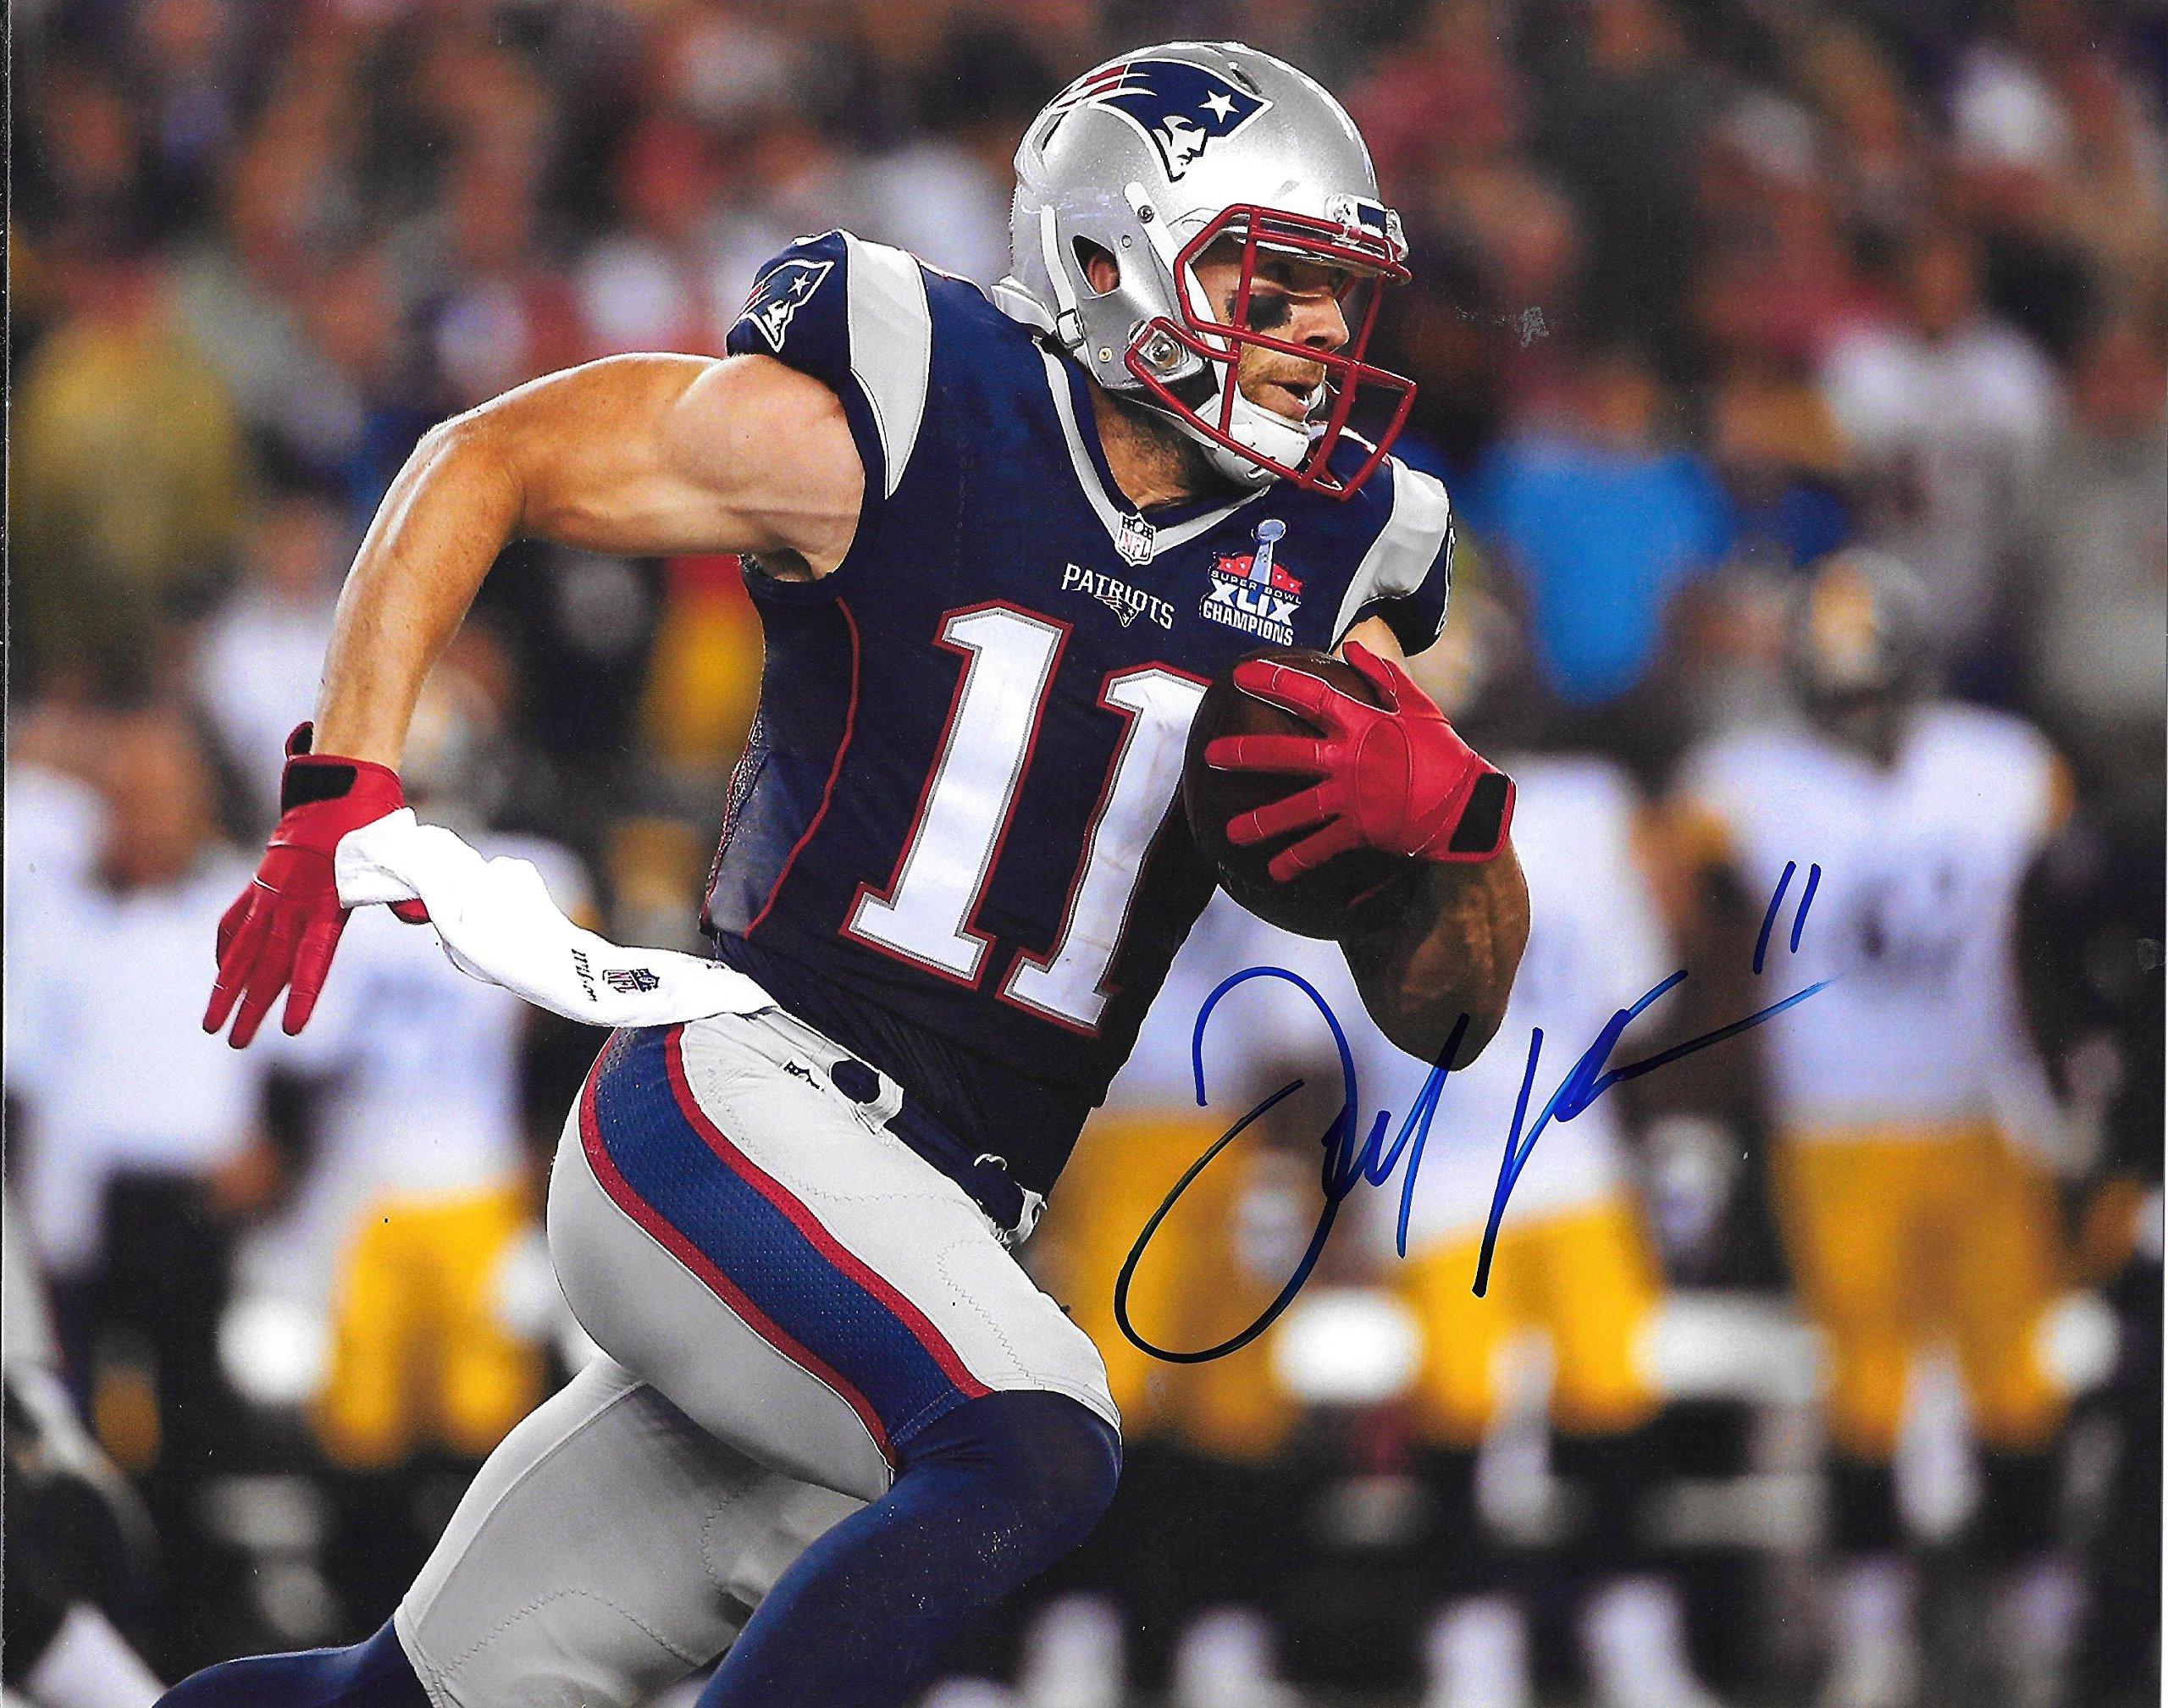 Julian Edelman Patriots Autographed Signed 8x10 Photo COA Mint Condition